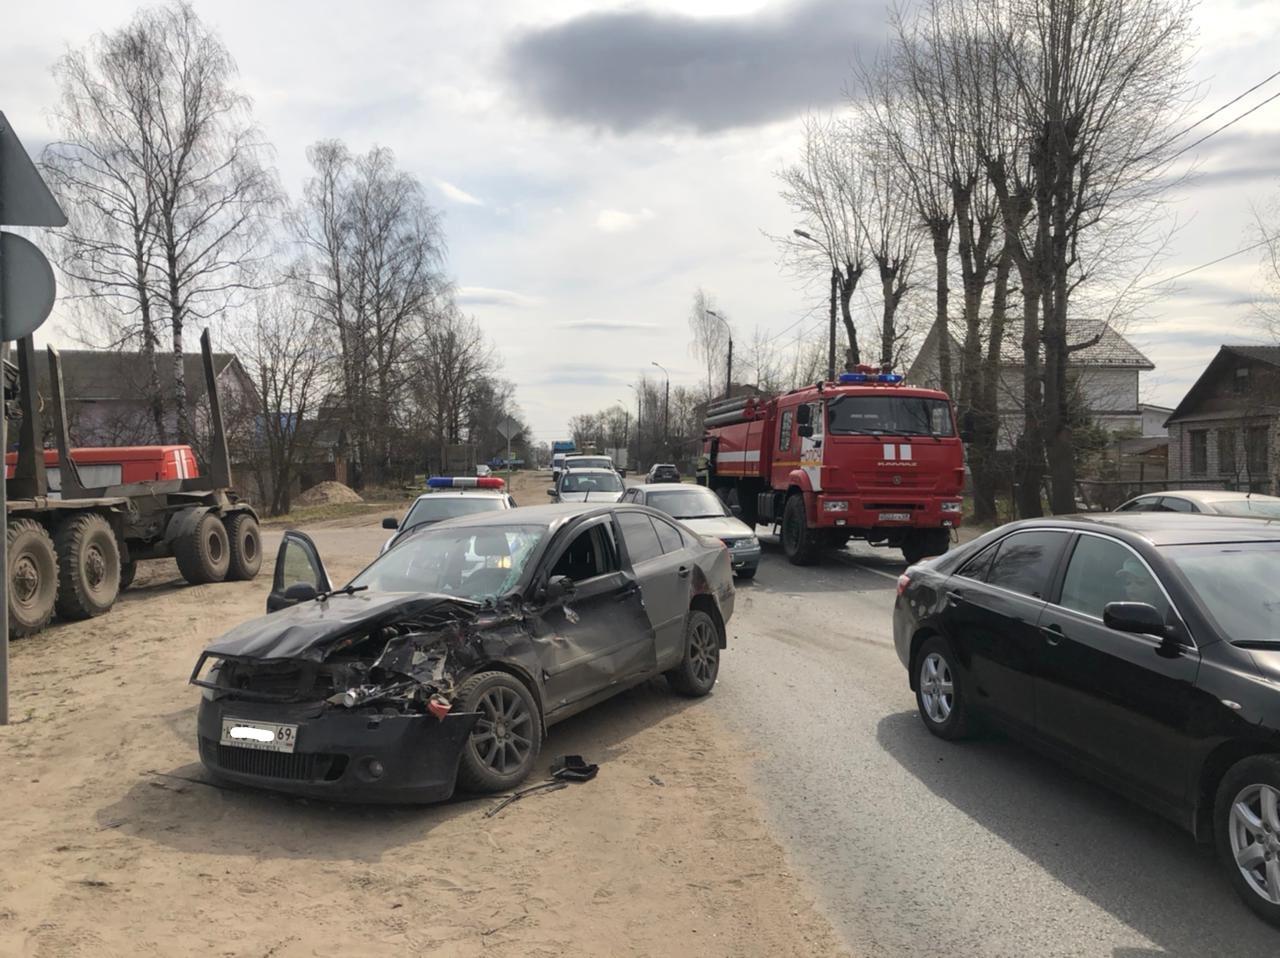 Женщина и ребенок пострадали в ДТП с легковушкой и КамАЗом в Твери - новости Афанасий